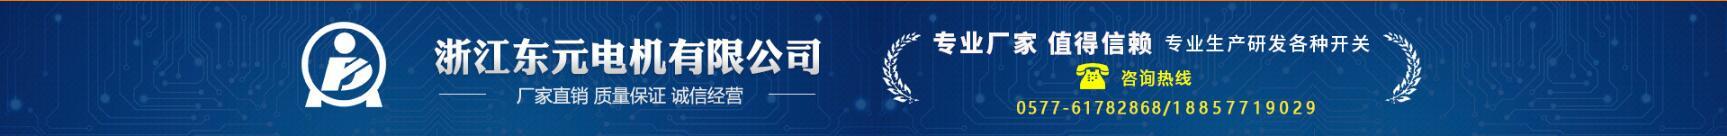 浙江东元电机有限公司